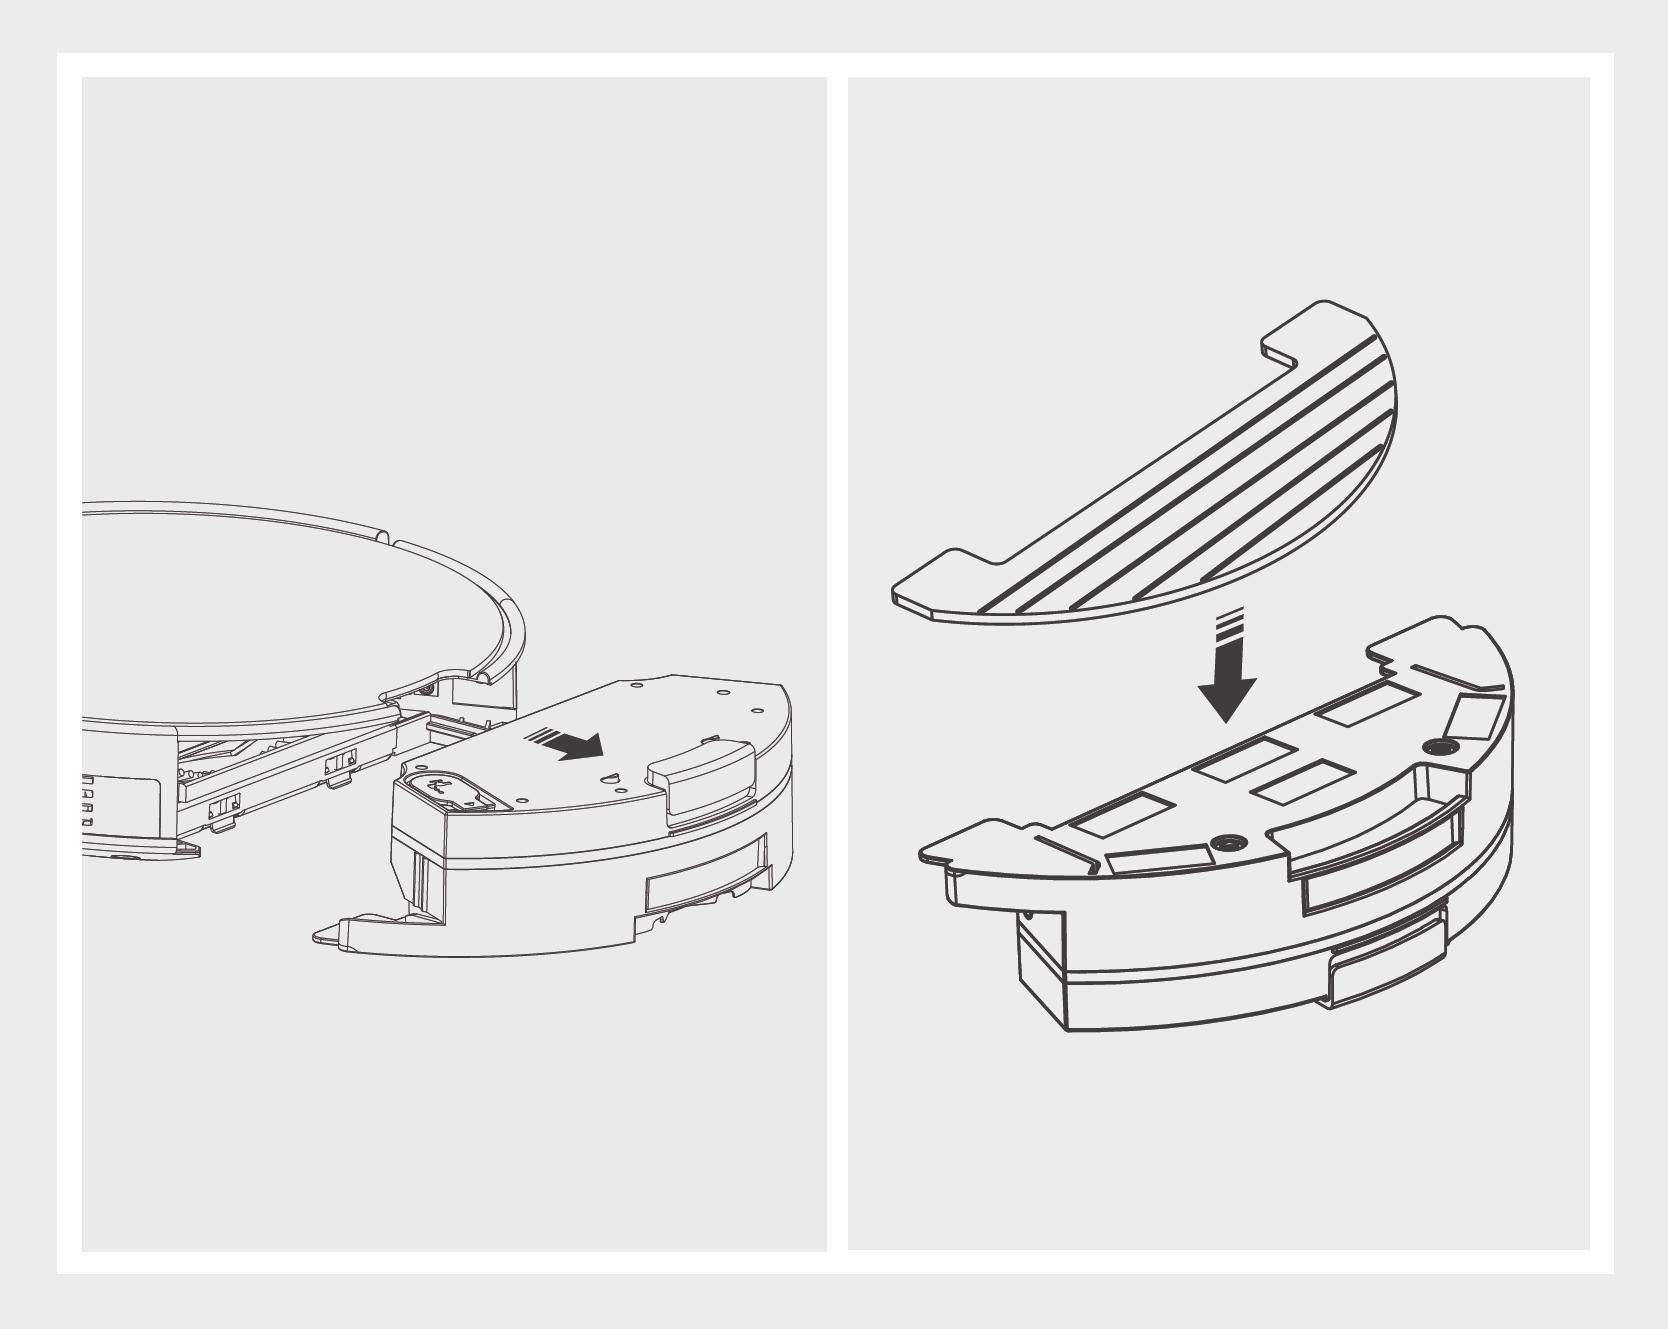 Robô Aspirador de Pó JETS J1 - Limpando o MOP 1